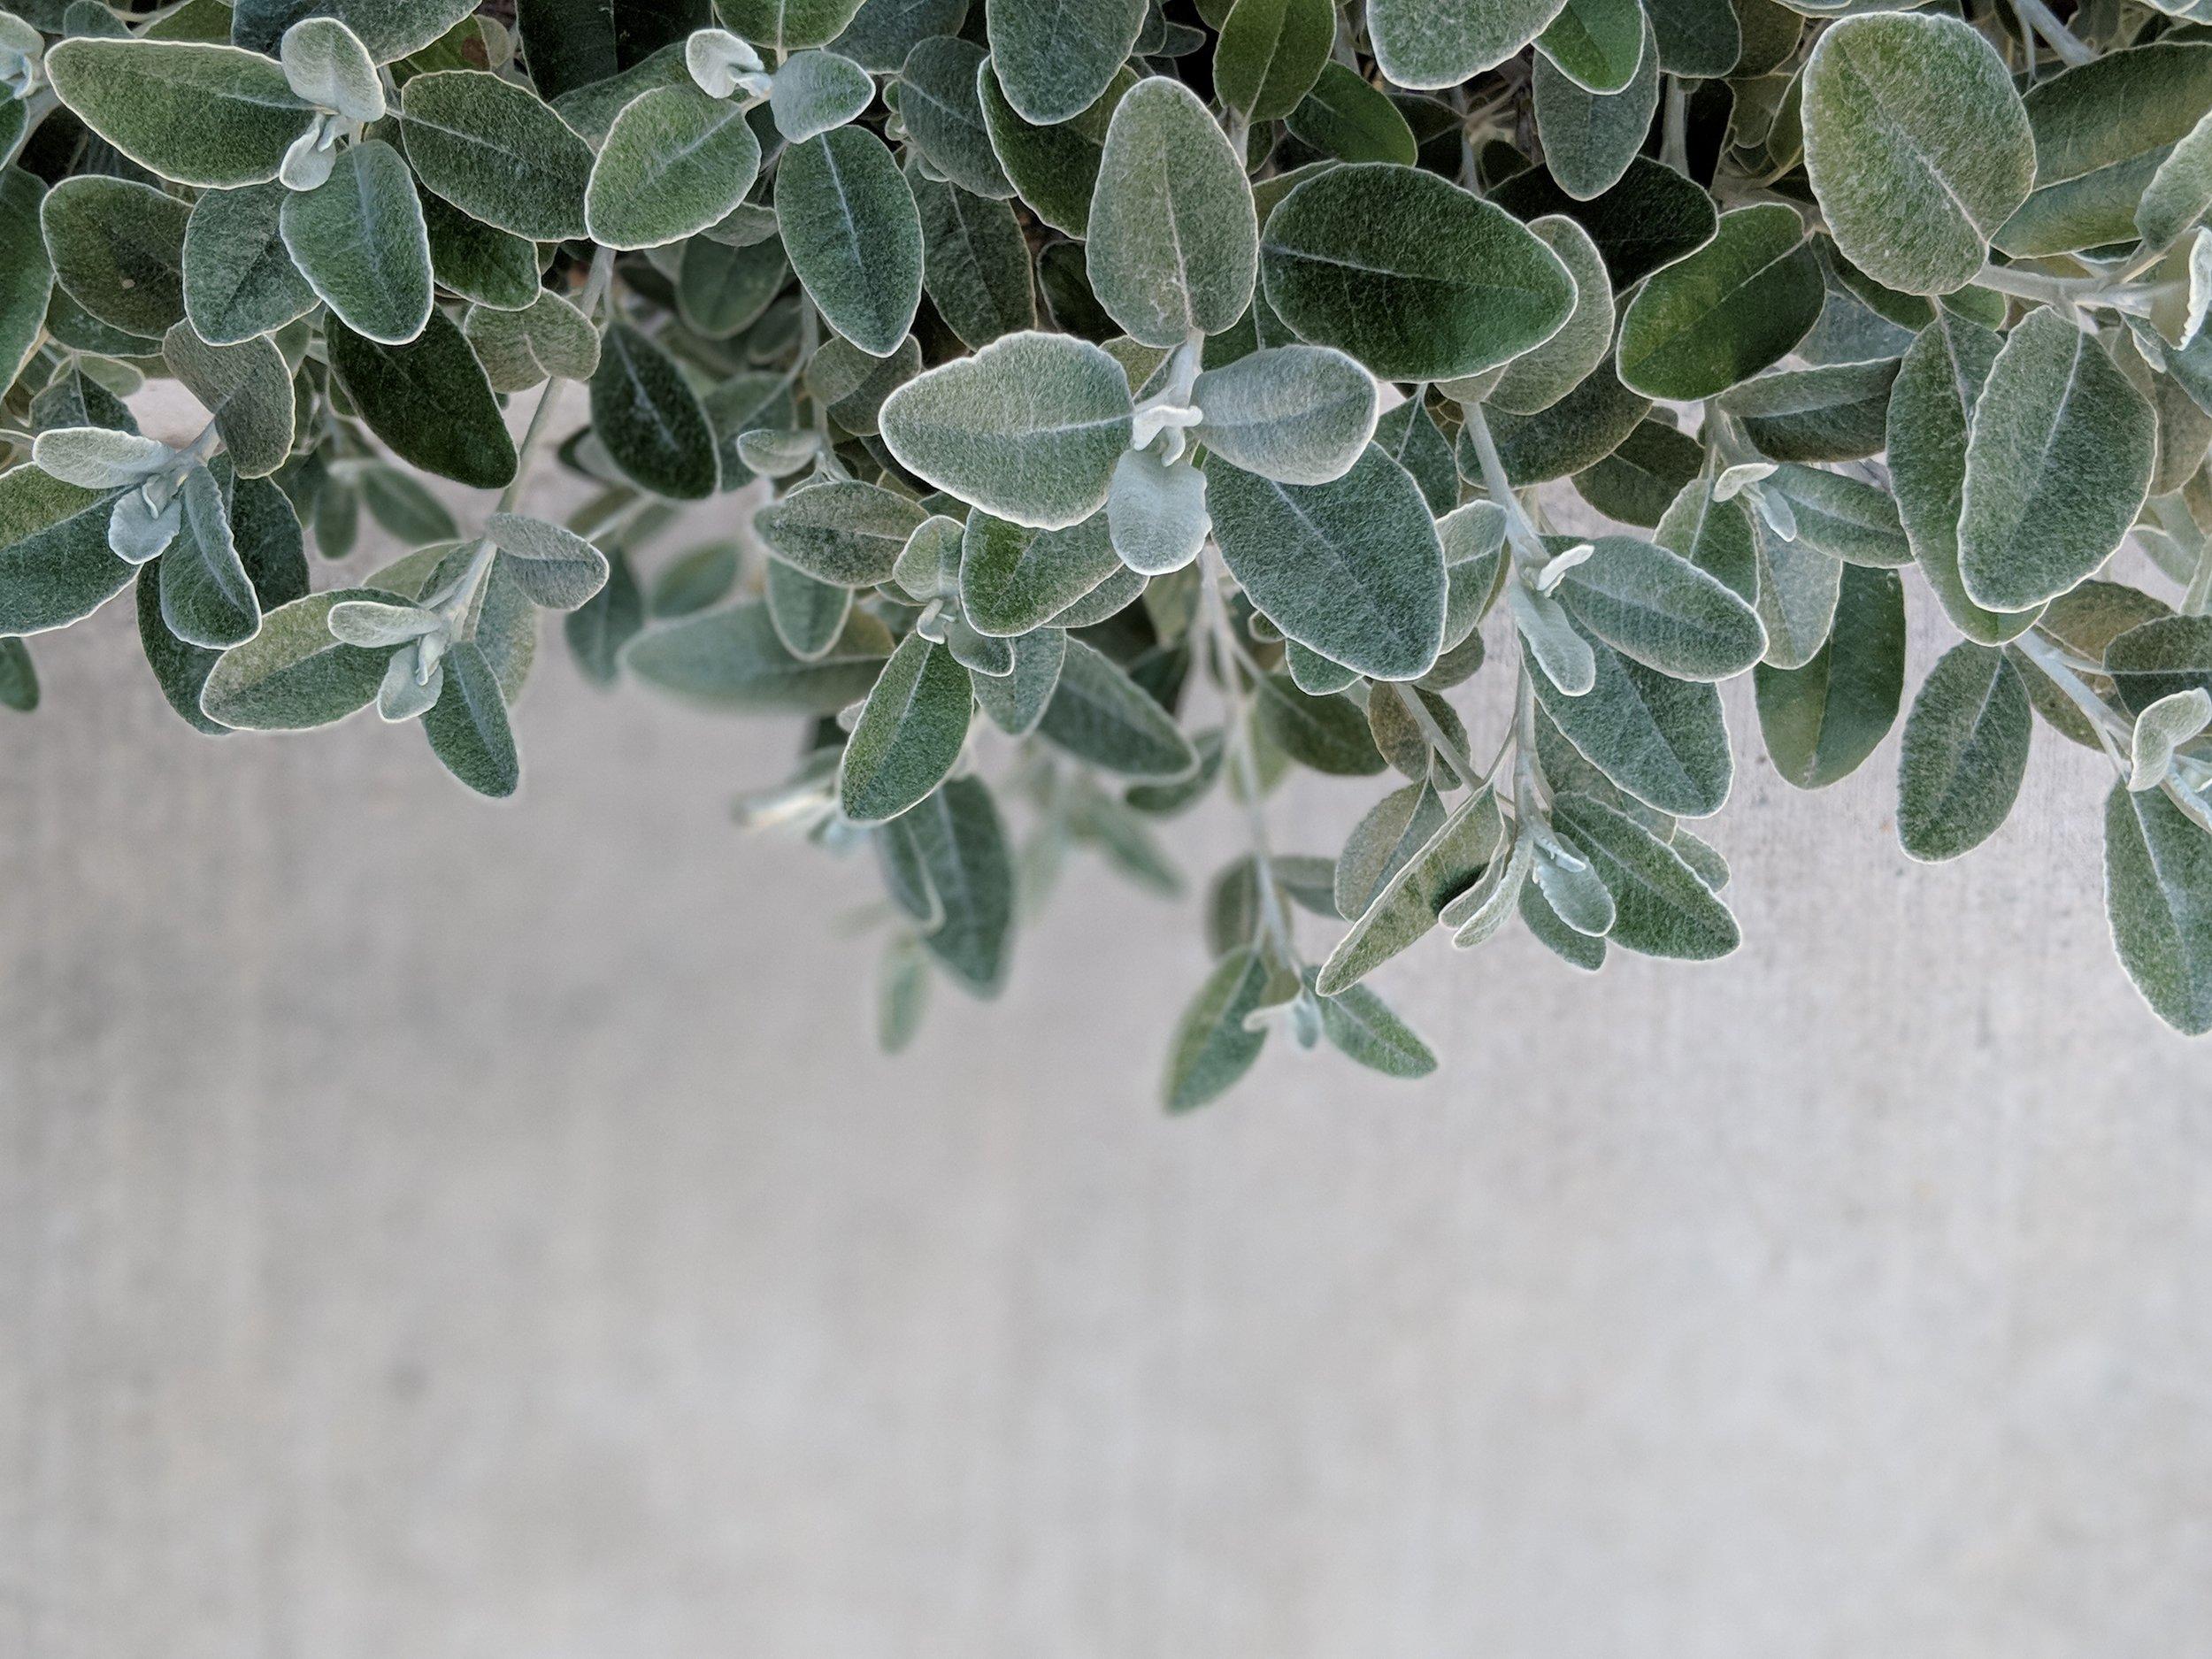 leaf image_02.jpg